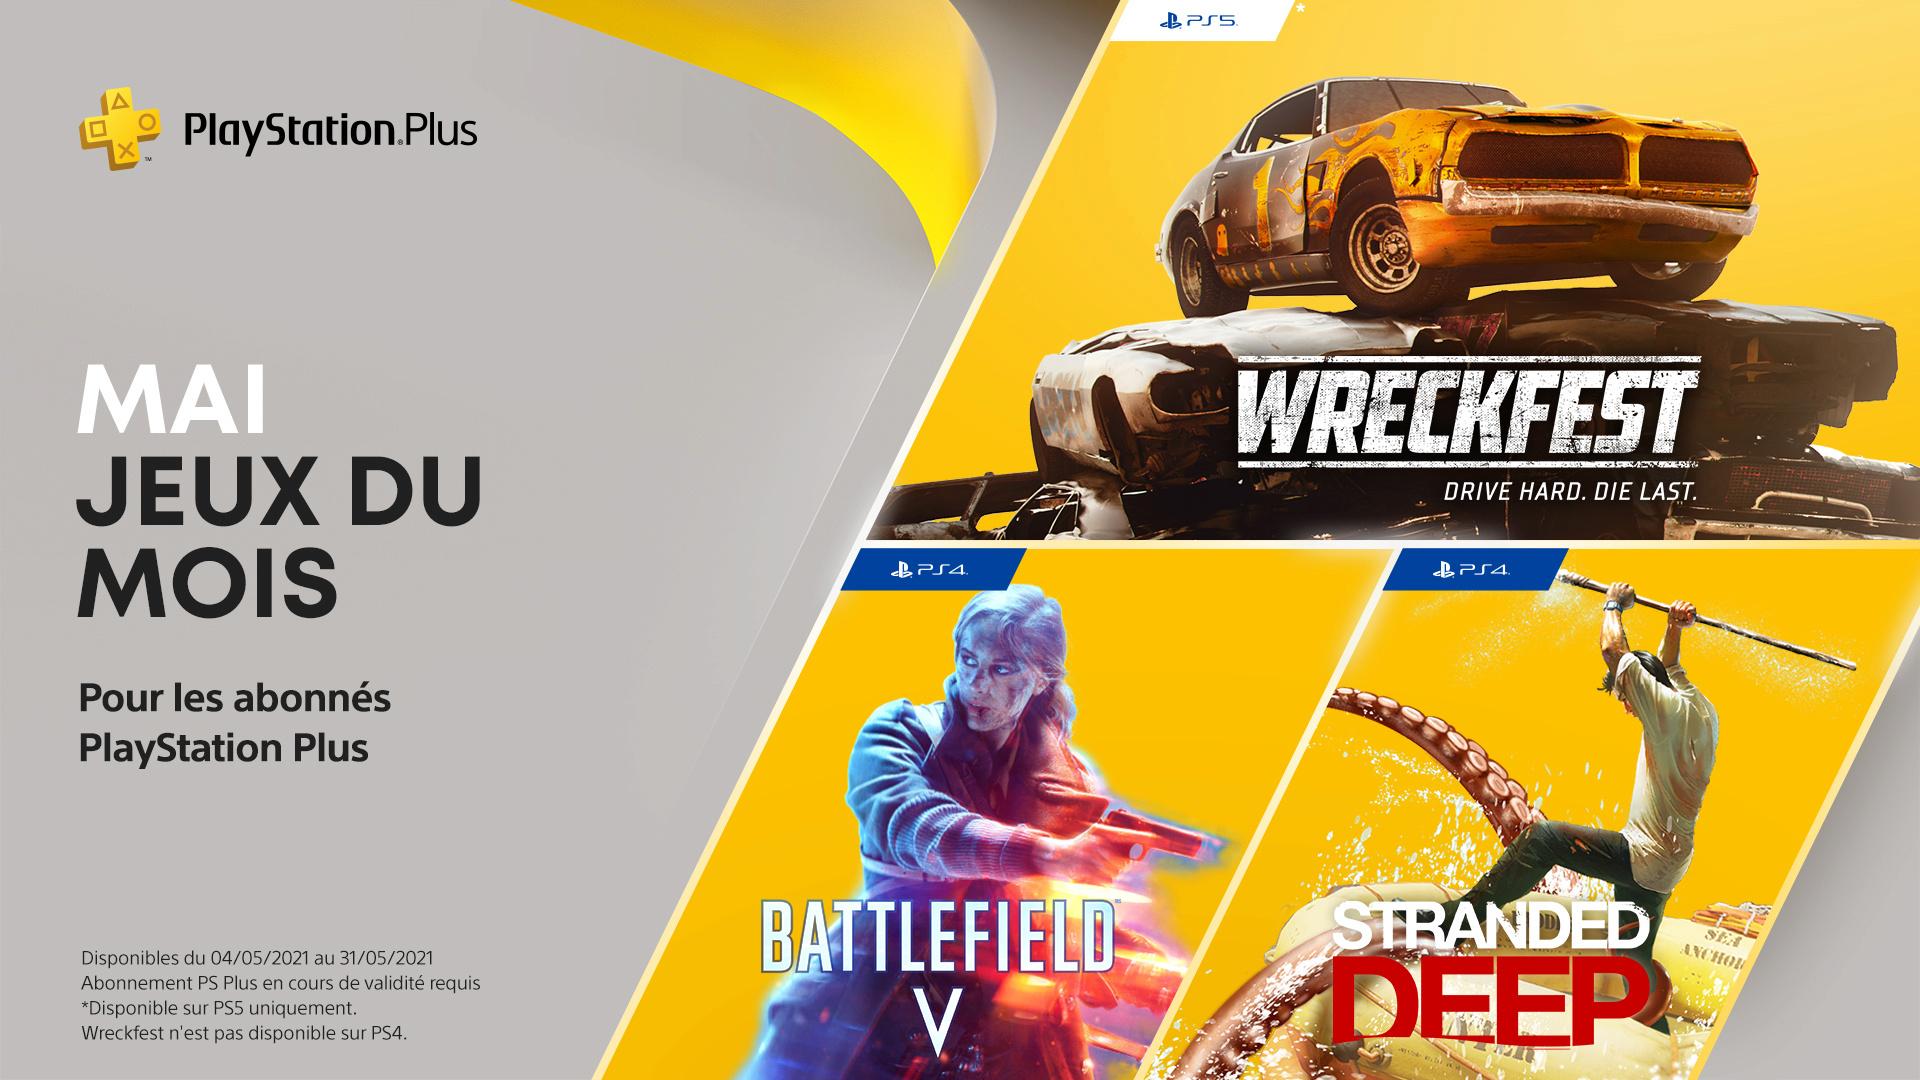 Les jeux PlayStation Plus de mai 2021 Playst14